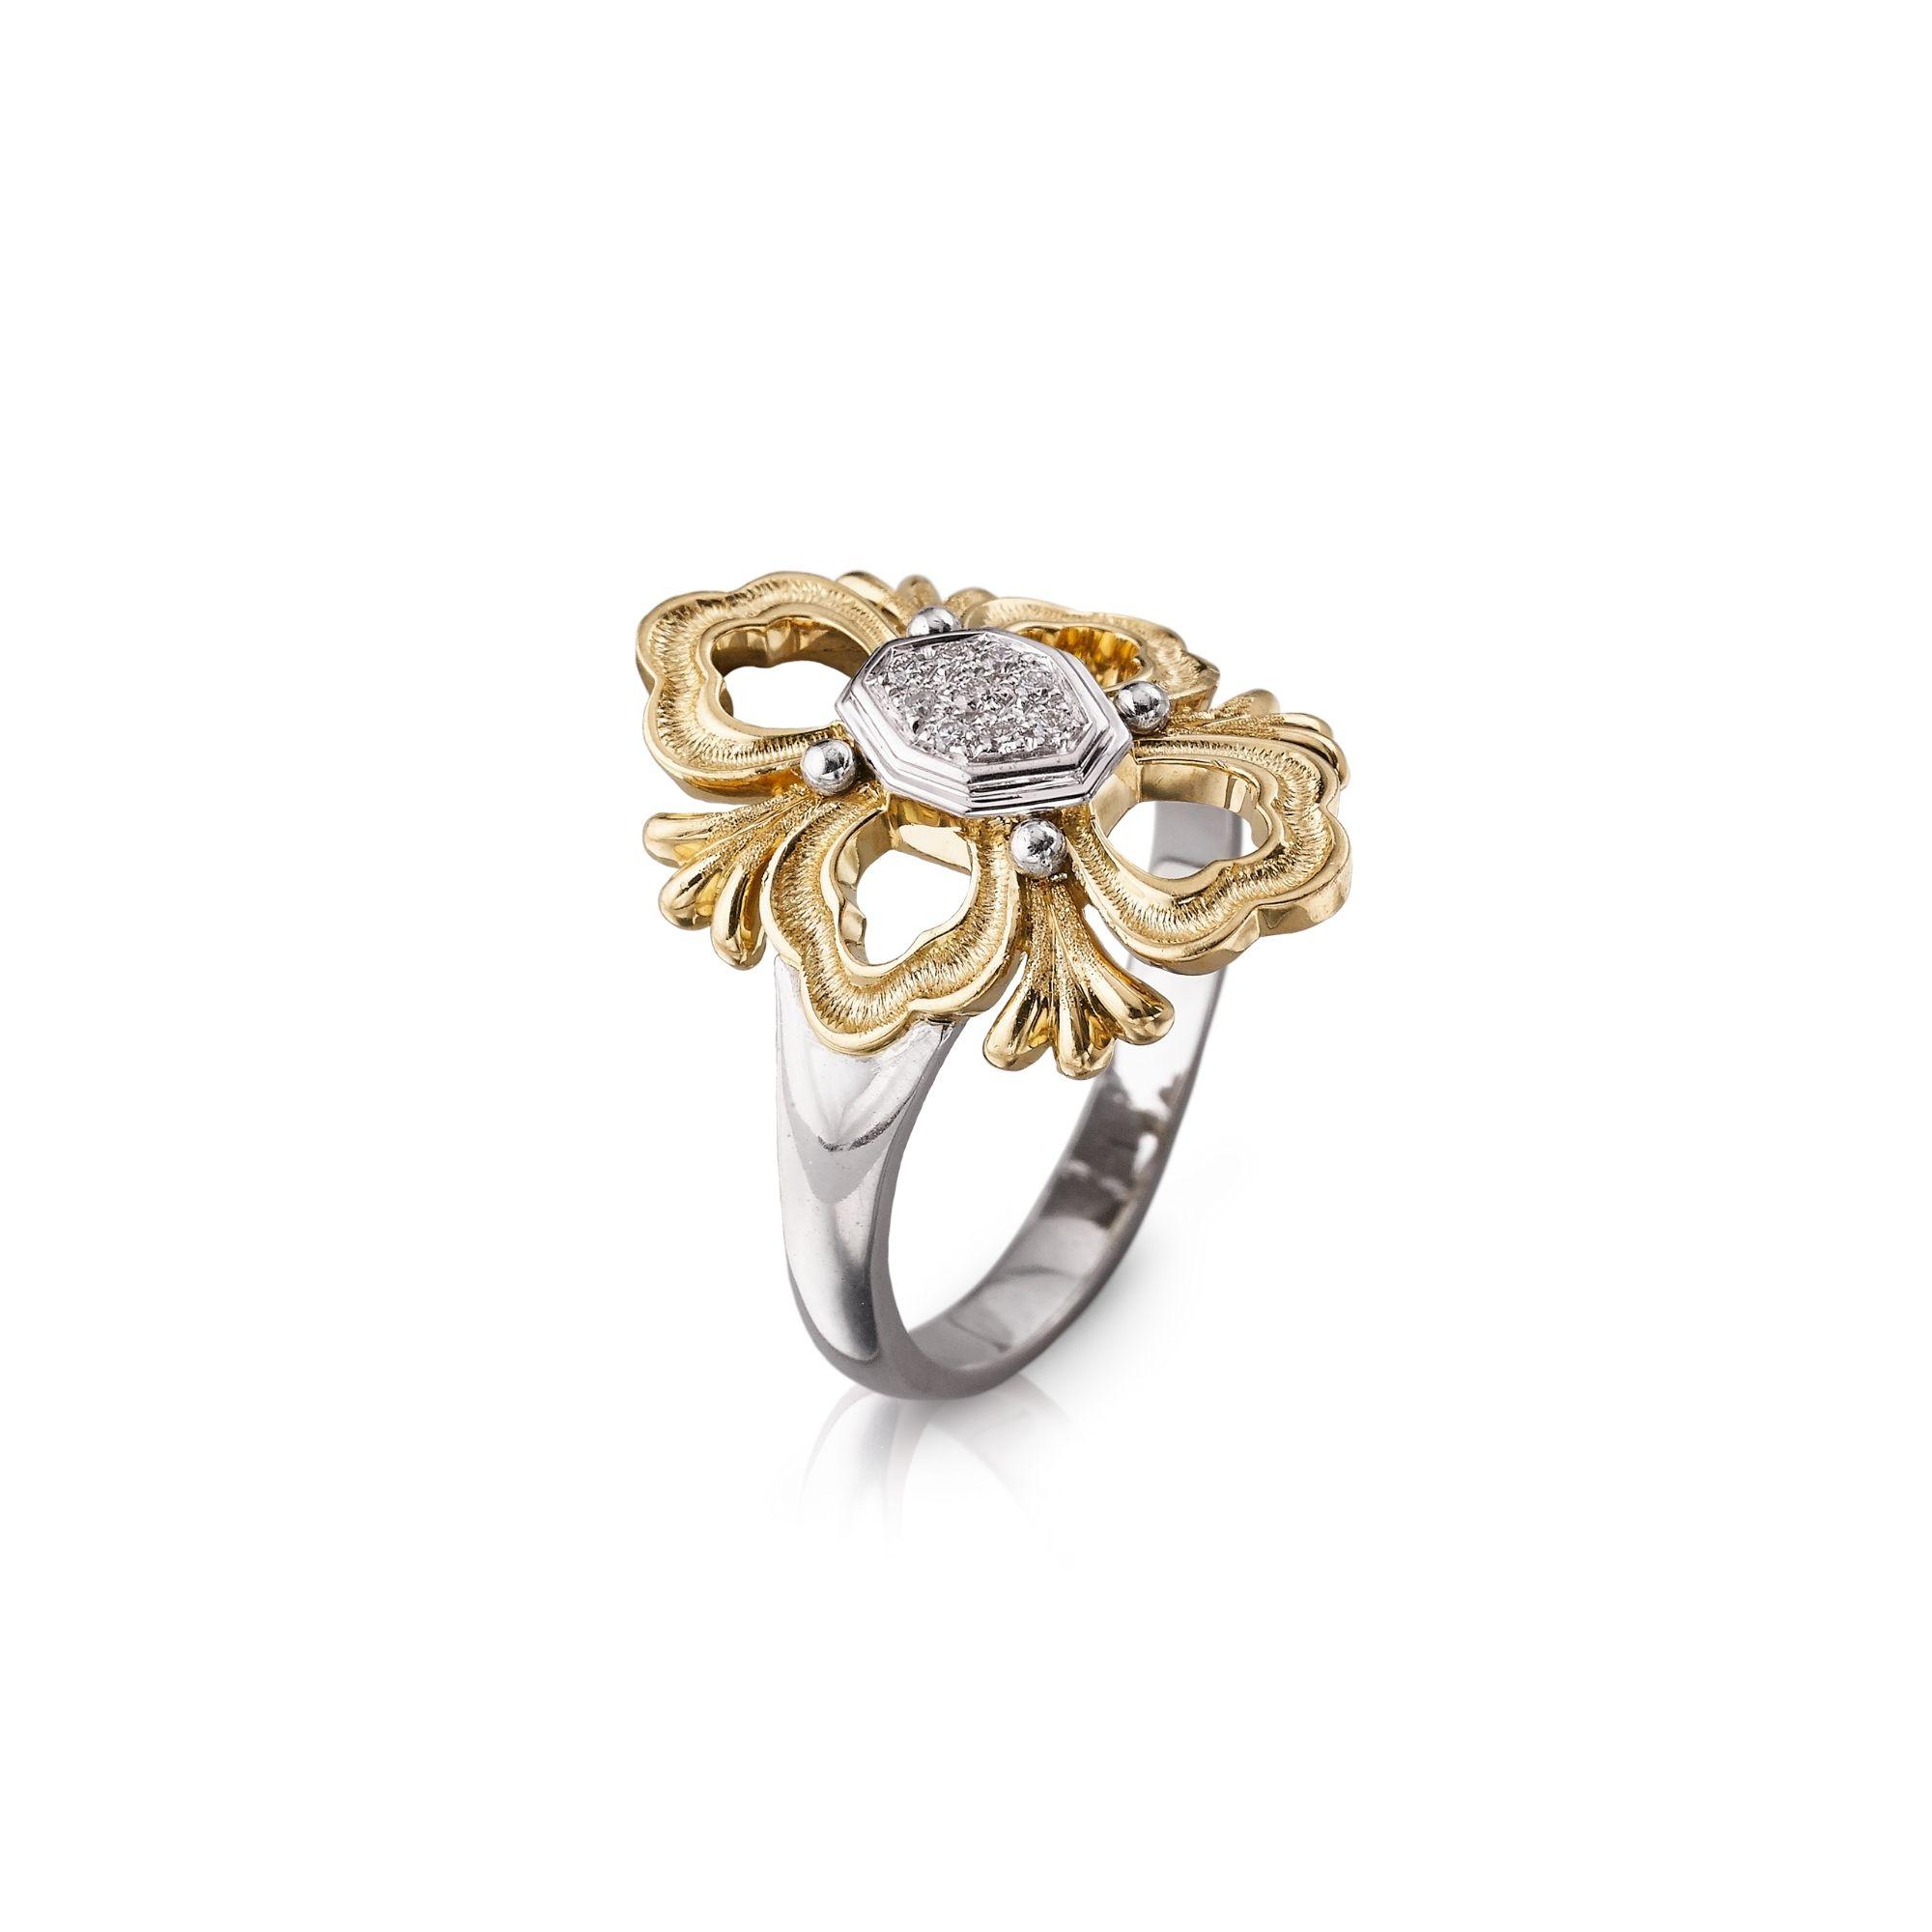 buccellati OPERA anello diamanti ring diamonds sconto discount